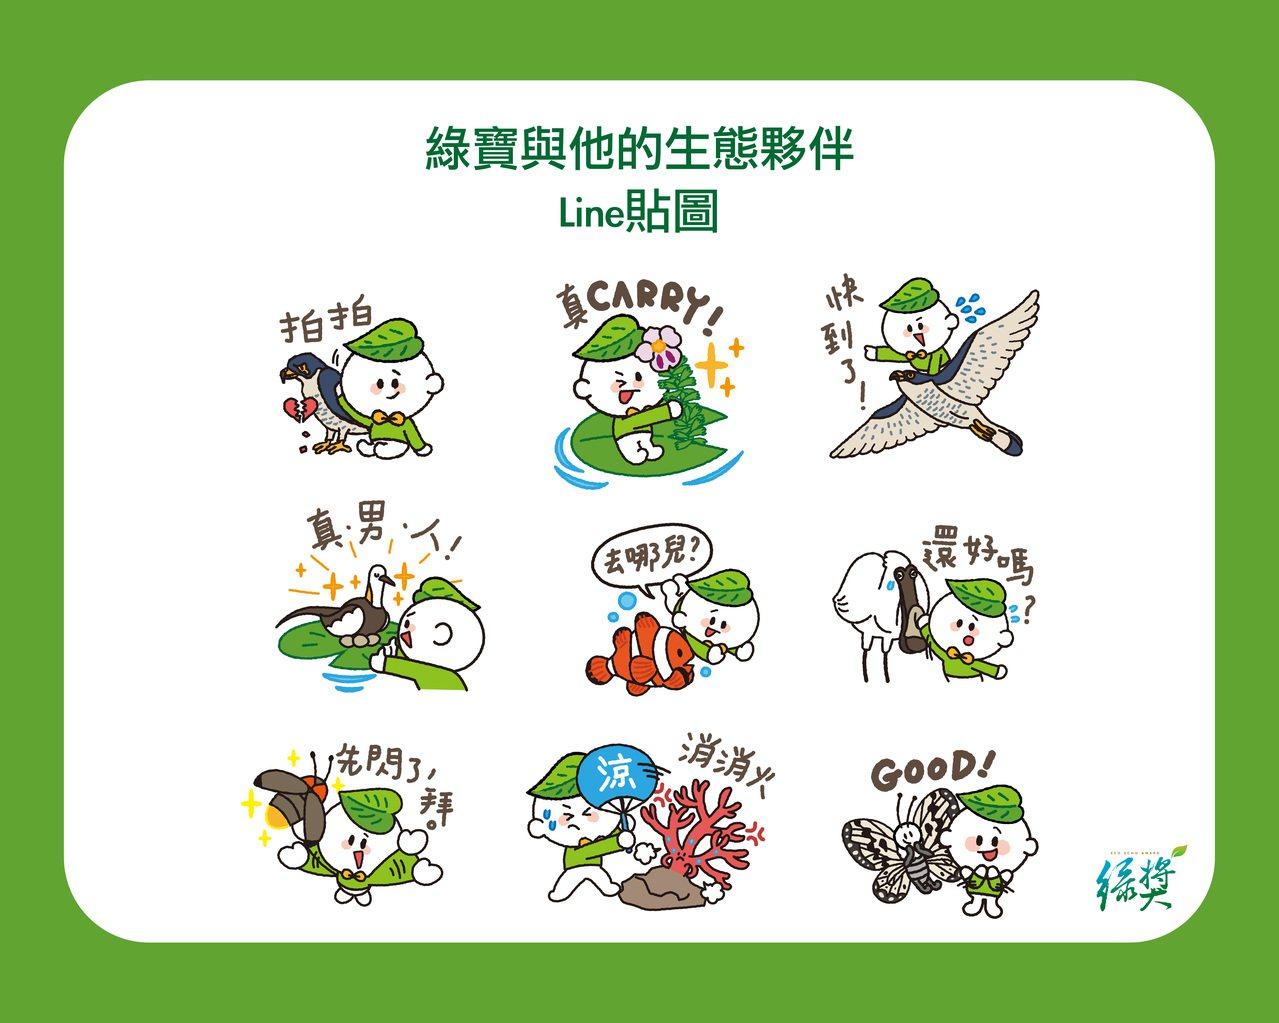 第四屆綠獎首創LINE貼圖,貼圖主角名為「綠寶」,由關心生態保育的插畫家楊阿步所...